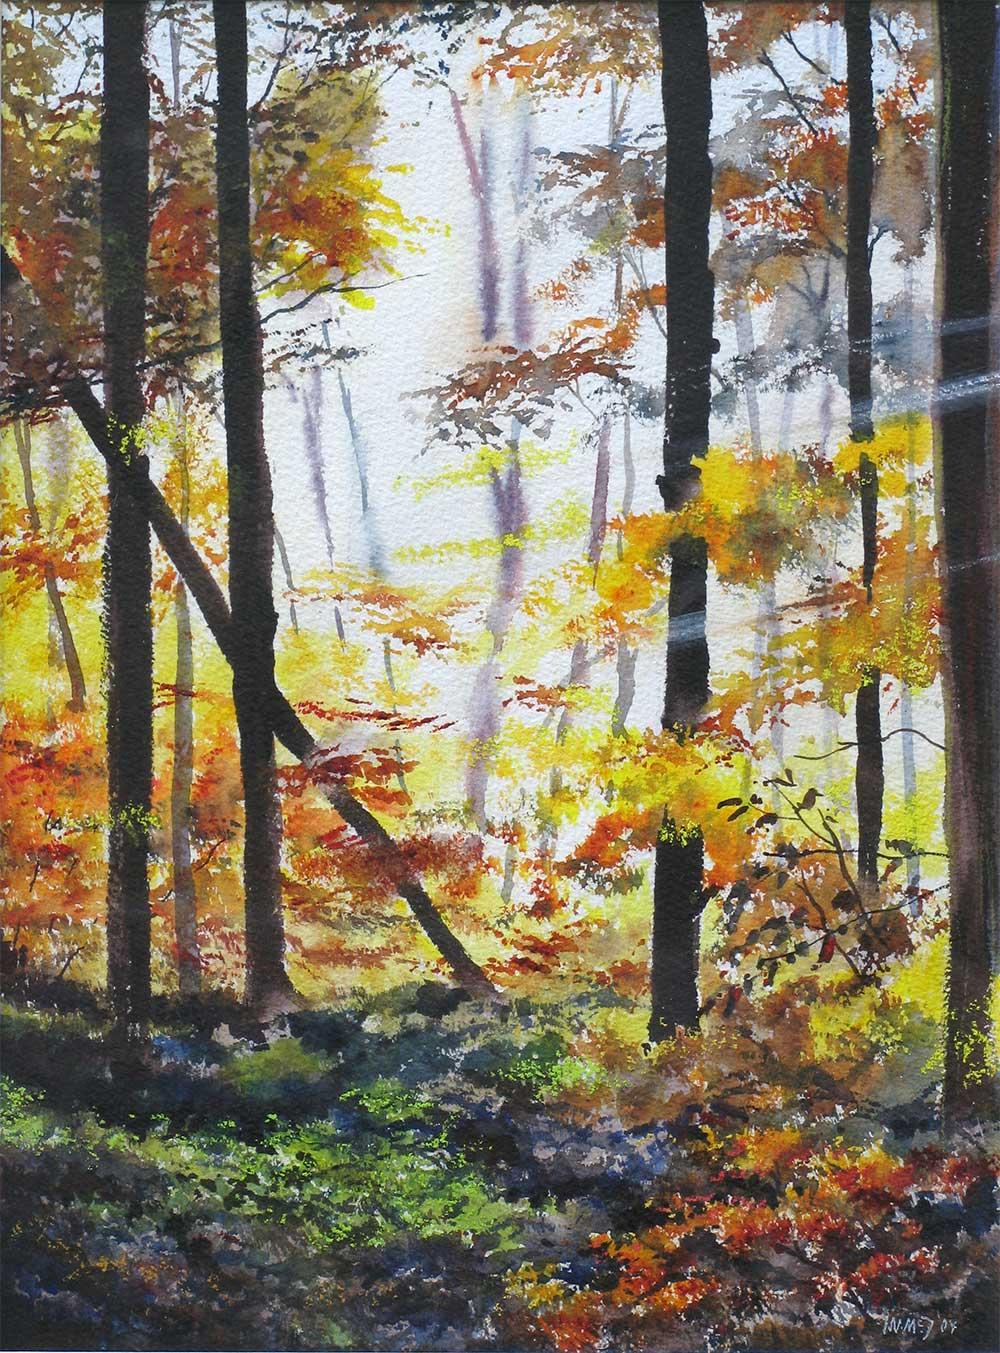 Autumn Light - Haldon Forest